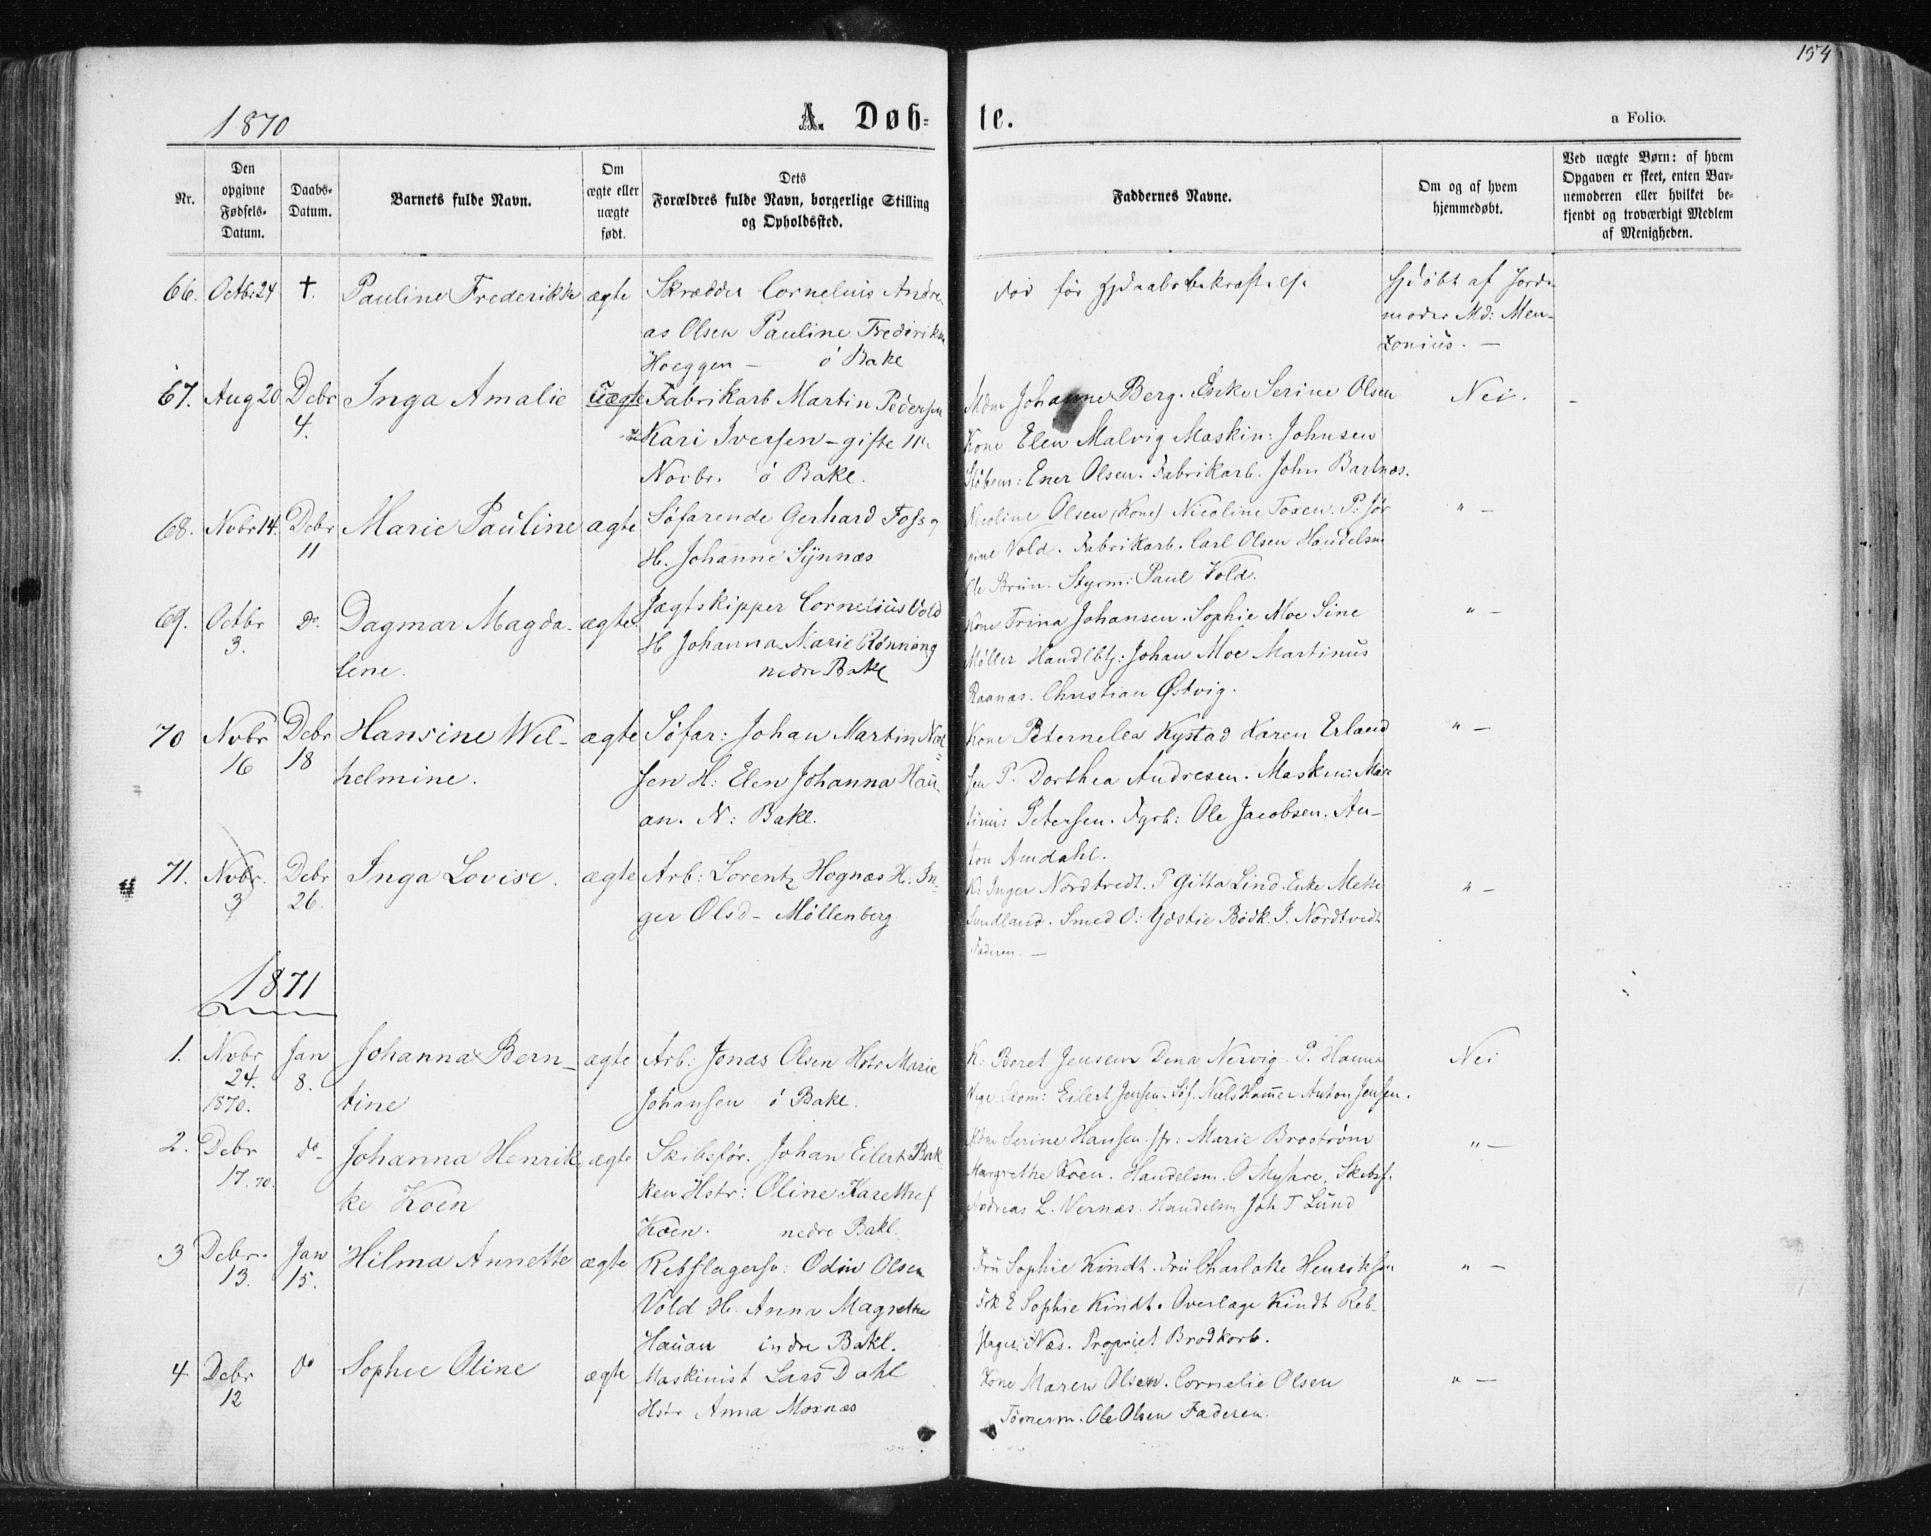 SAT, Ministerialprotokoller, klokkerbøker og fødselsregistre - Sør-Trøndelag, 604/L0186: Ministerialbok nr. 604A07, 1866-1877, s. 154